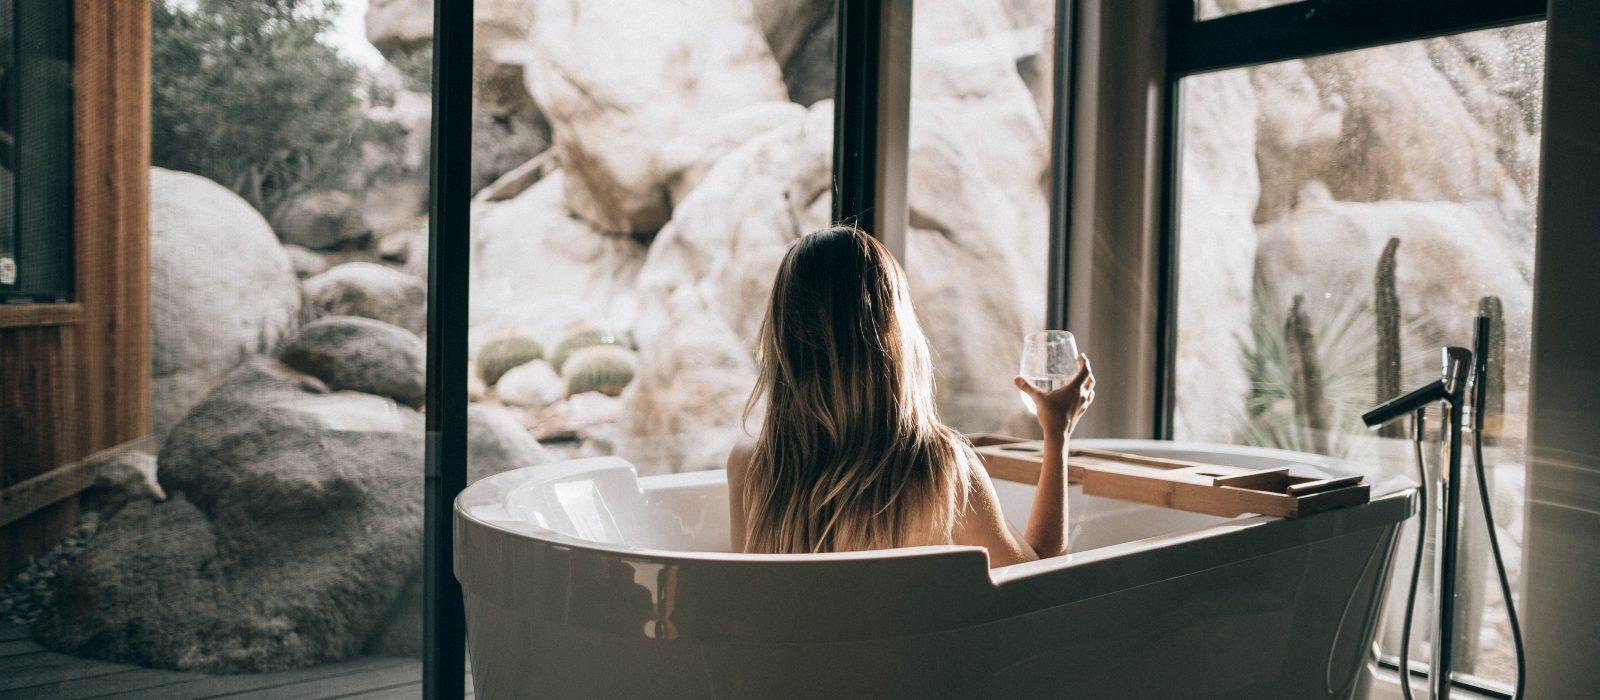 Lemon Laine Owner spa tub and white wine